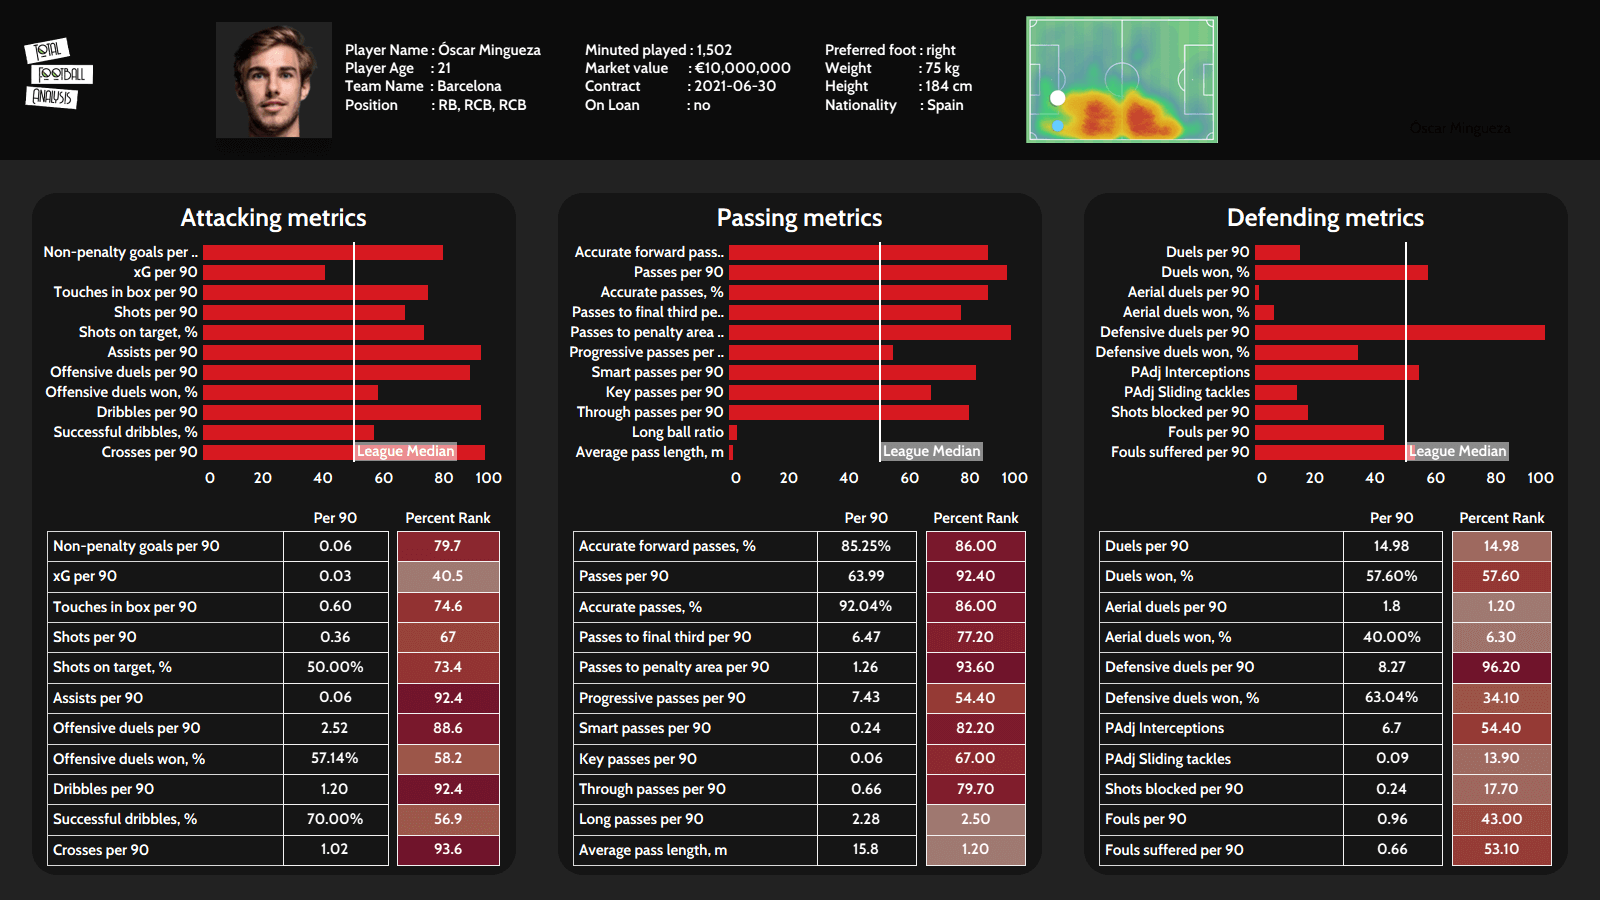 Oscar Mingueza 2020/21 - scout report tactical analysis tactics